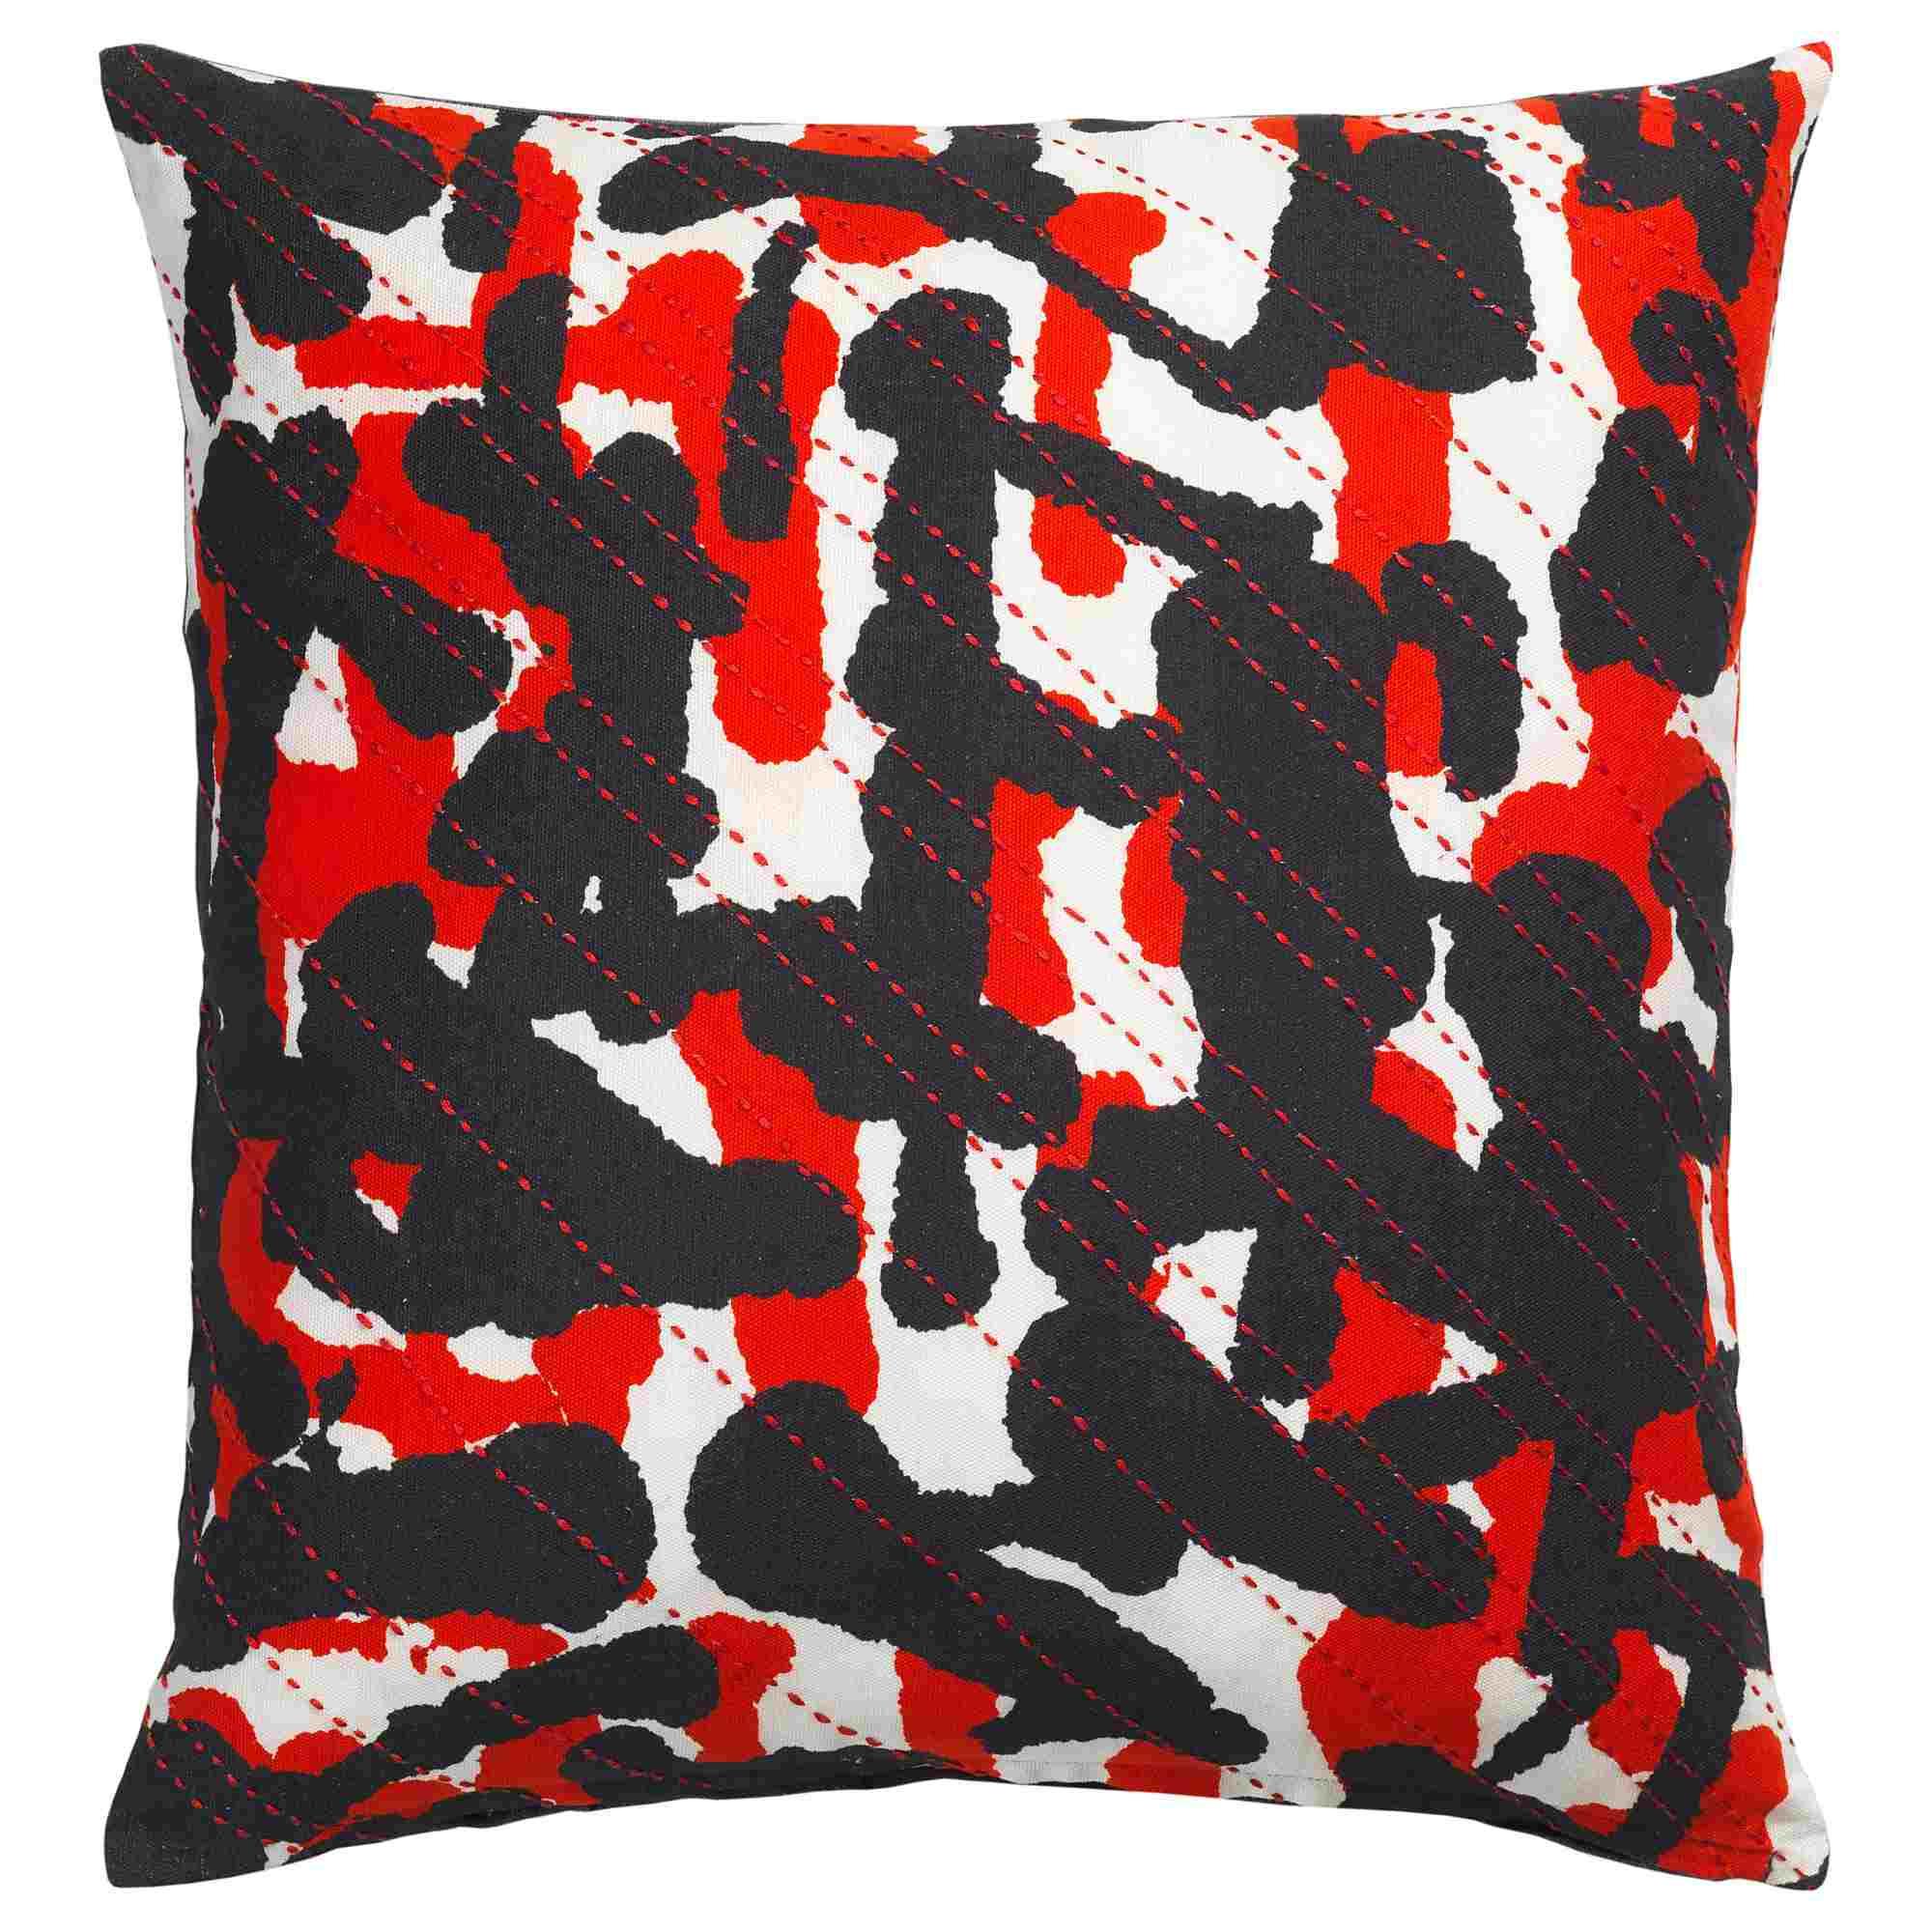 ANNANSTANS Handmade Cushion Cover